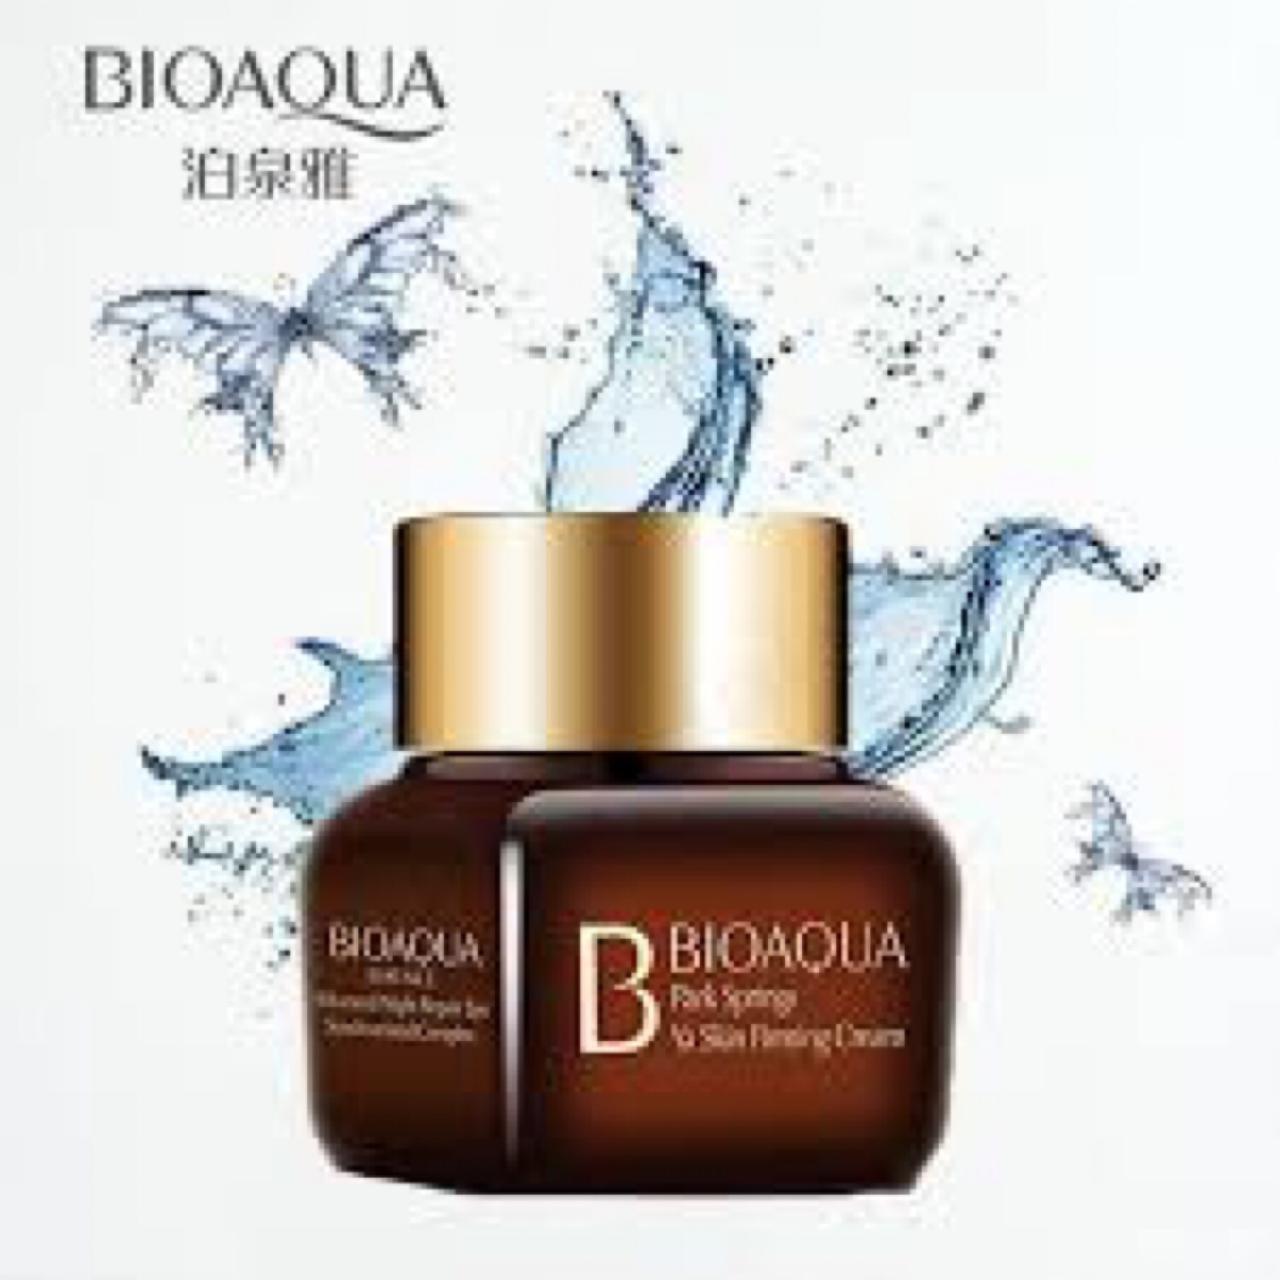 BIOAQUA Anti-Puffiness Dark Circle Anti-Aging Moisturizing eye cream Advanced Night Repair Eye cream 20g